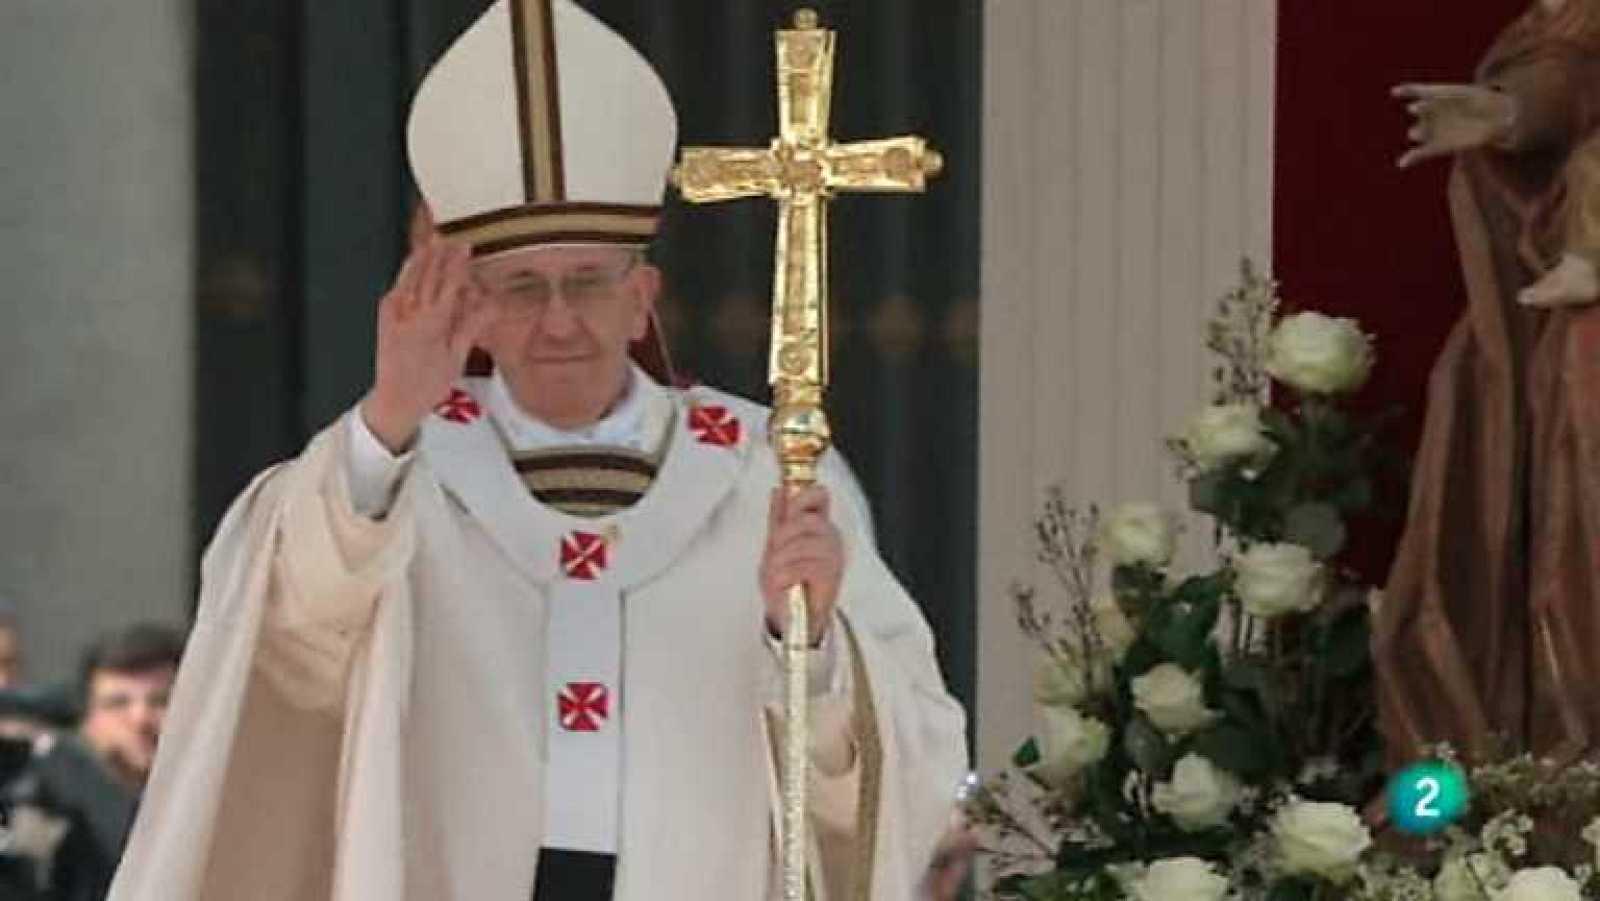 Especial Día del Señor - Misa de inicio del Pontificado del papa Francisco - Ver ahora